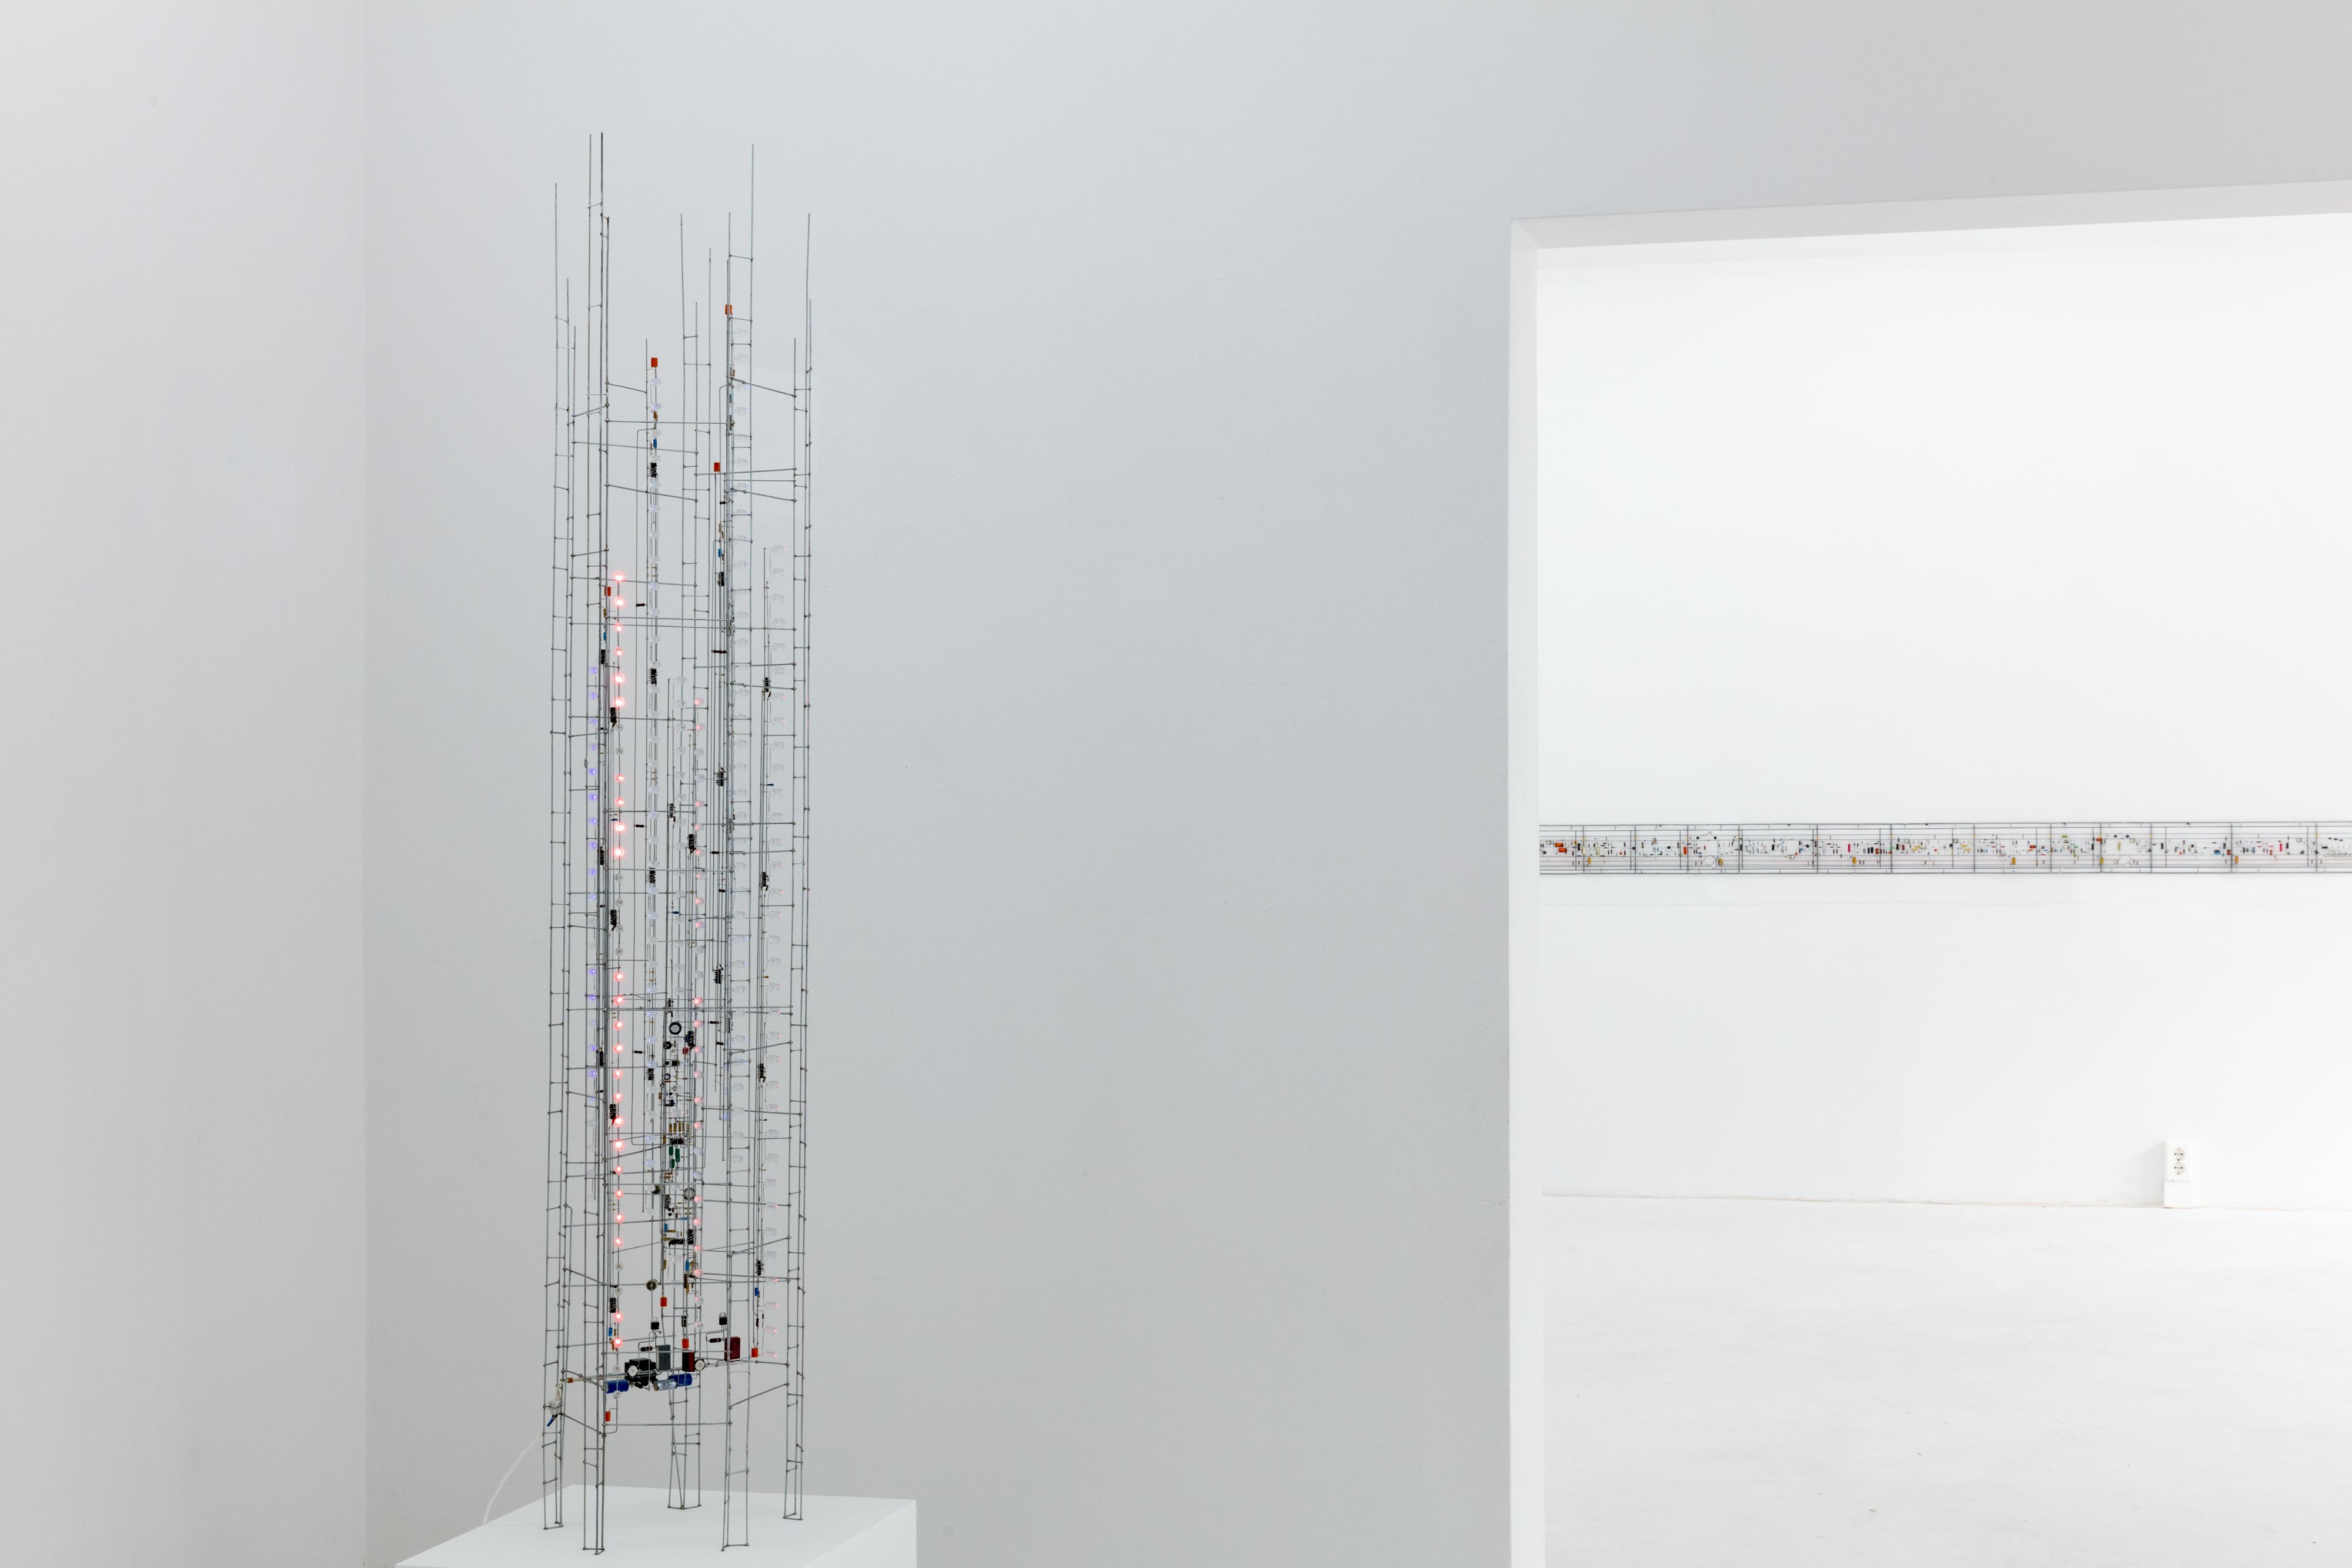 Peter Vogel, Gestalten + Zufall, installation view, 2018